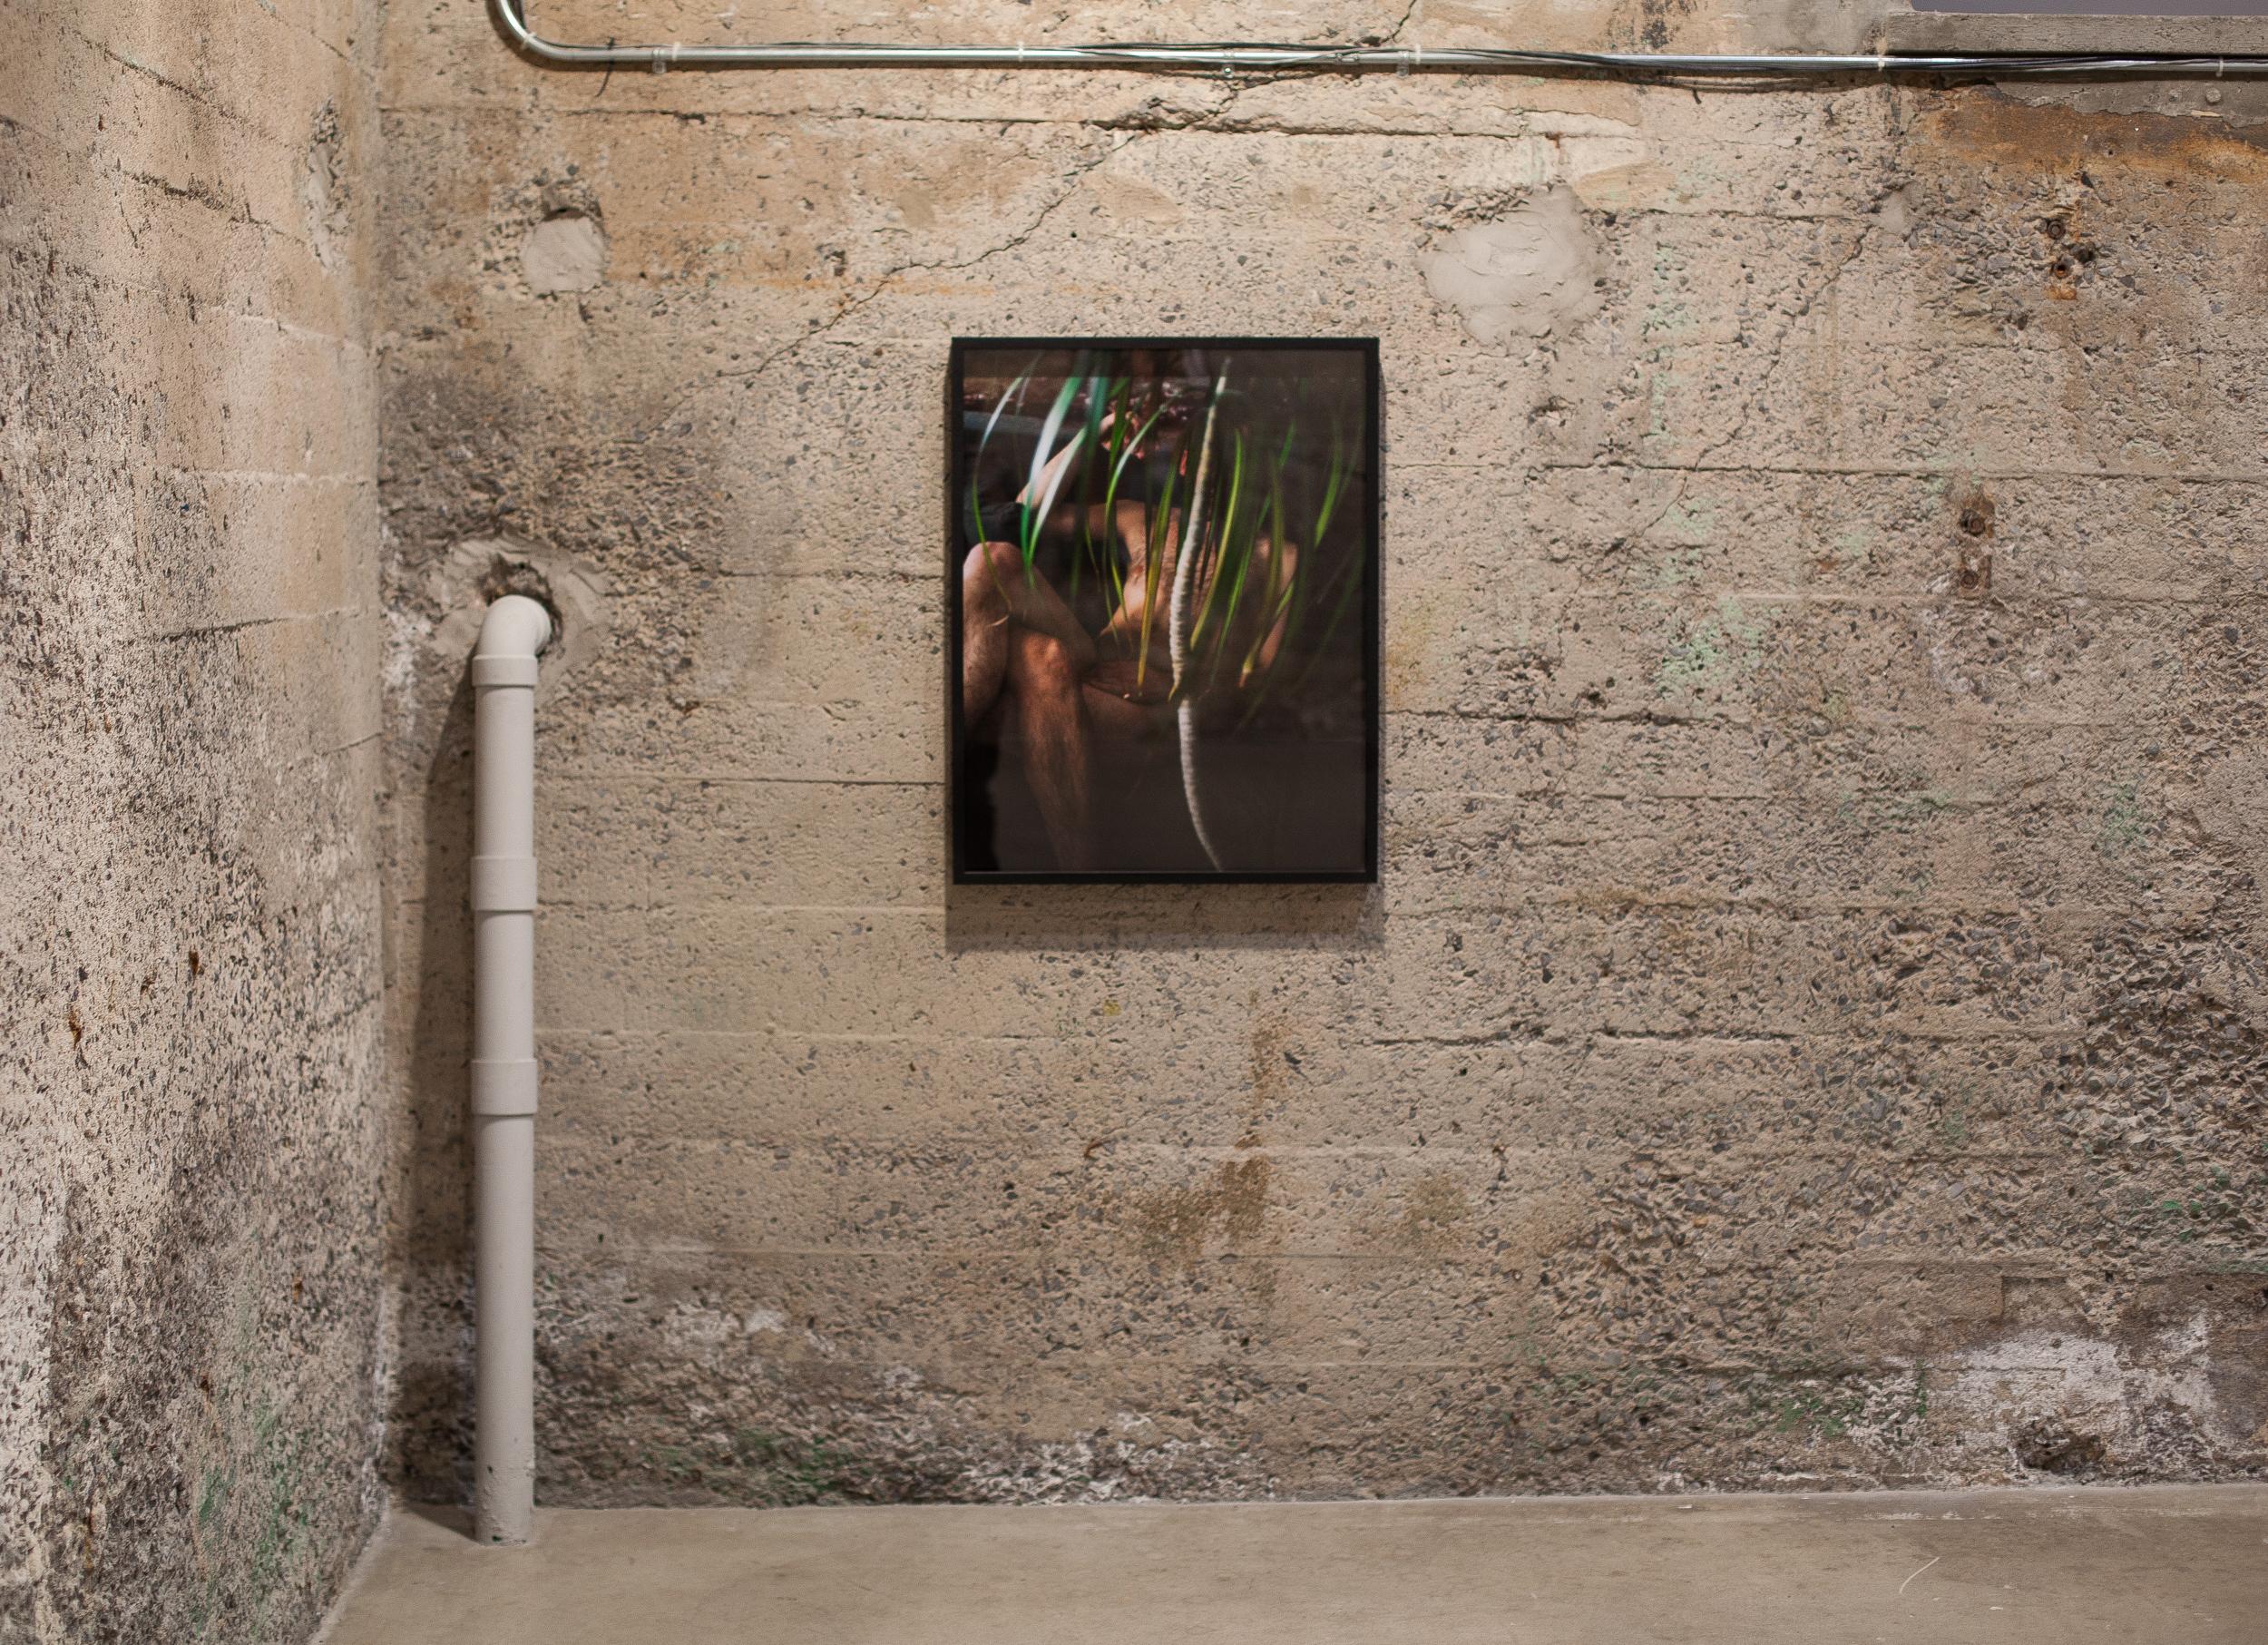 Exhibition at Parisian Laundry